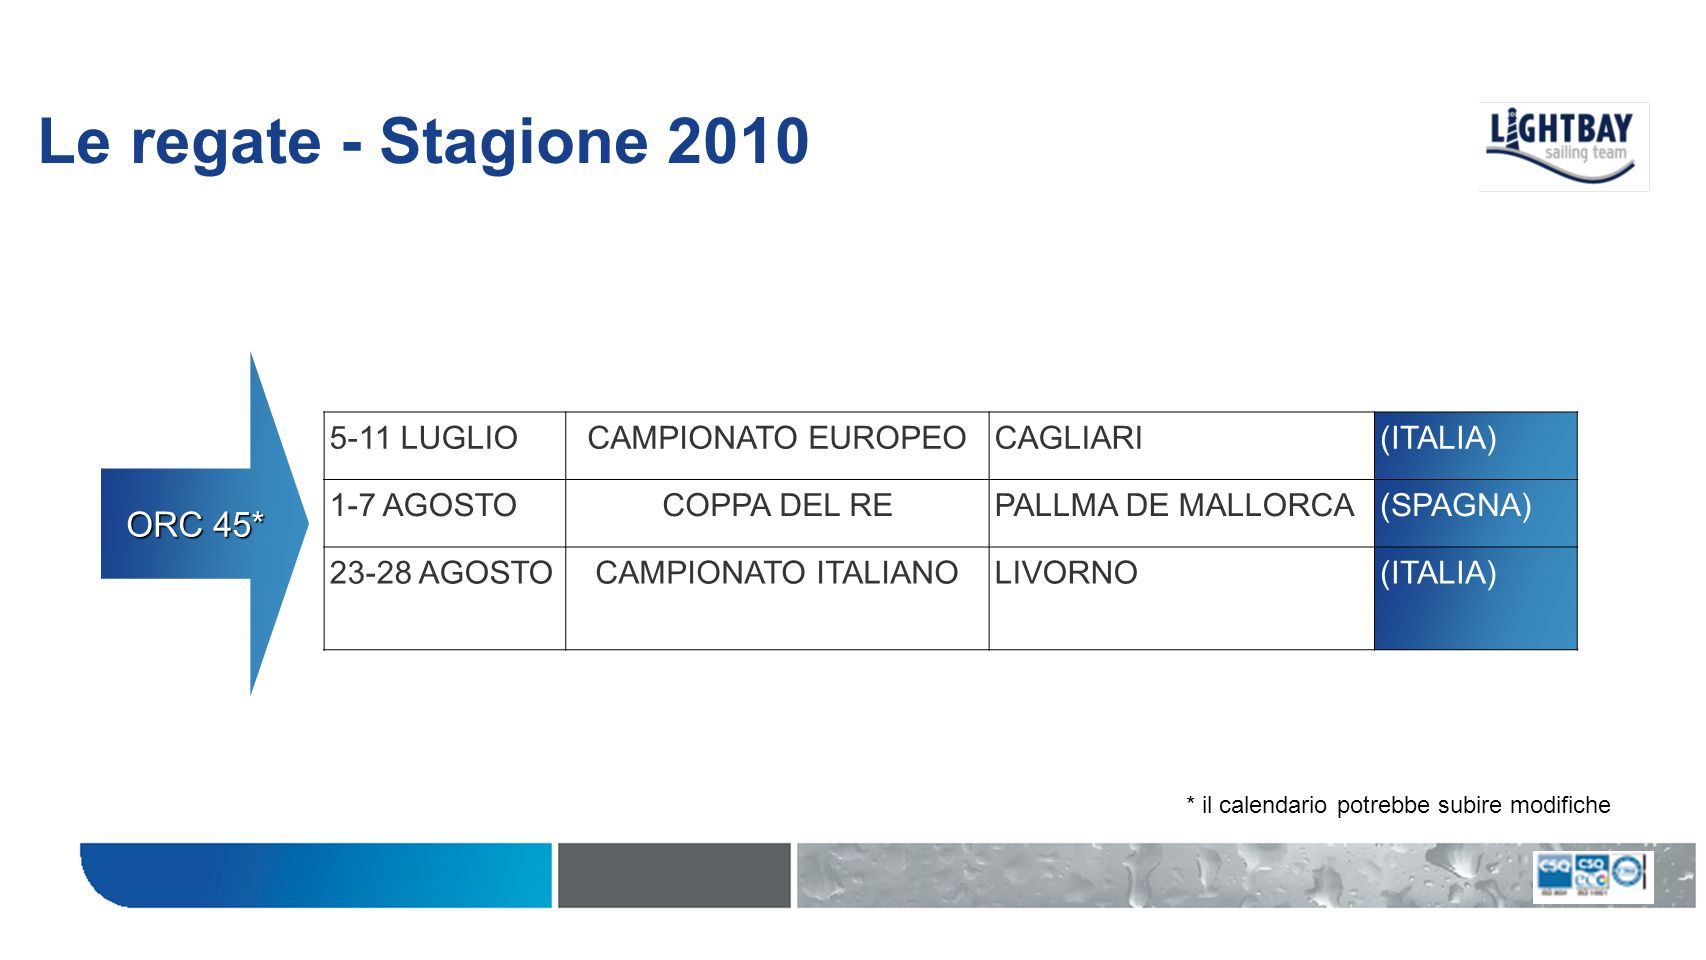 Le regate - Stagione 2010 5-11 LUGLIOCAMPIONATO EUROPEOCAGLIARI(ITALIA) 1-7 AGOSTOCOPPA DEL REPALLMA DE MALLORCA(SPAGNA) 23-28 AGOSTOCAMPIONATO ITALIA